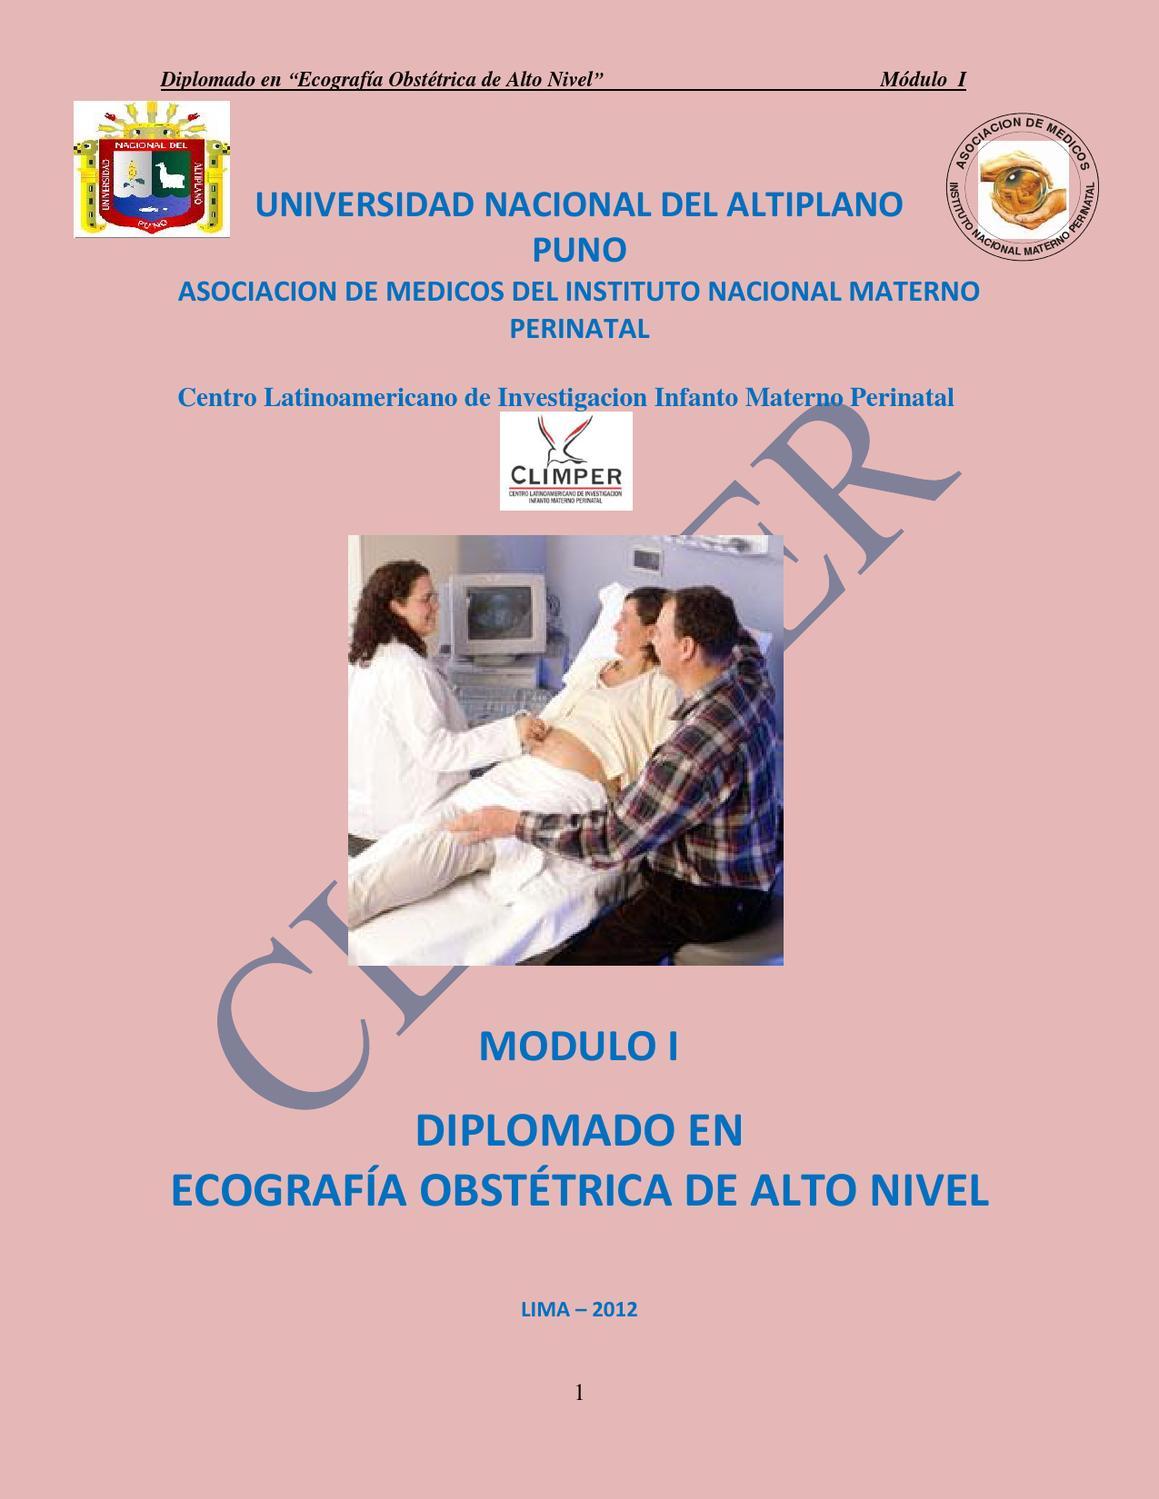 TECNICAS Y CORTES ECOGRAFICOS II by Diplomados maternofetal - issuu